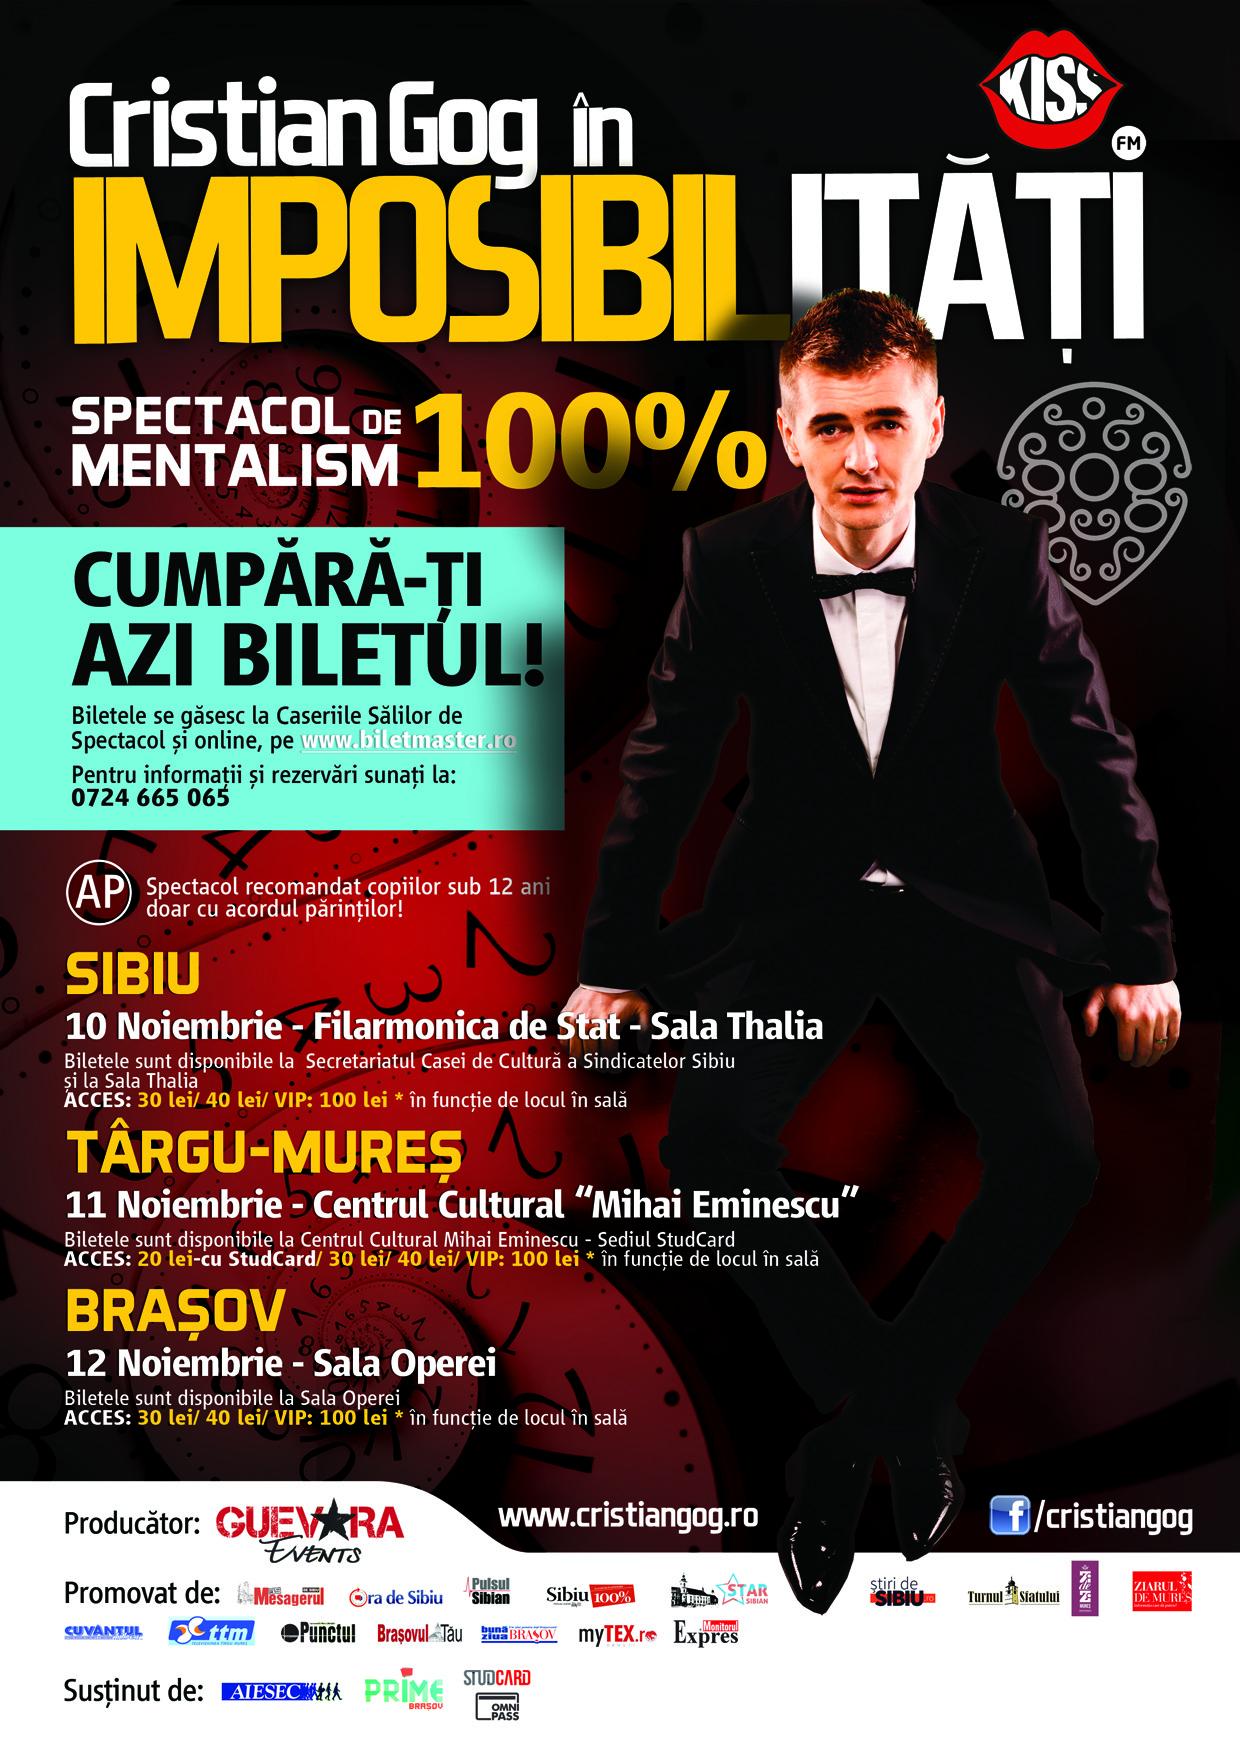 cristian-gog-imposibilitati-brasov-2014-spectacol-iluzionism-magie